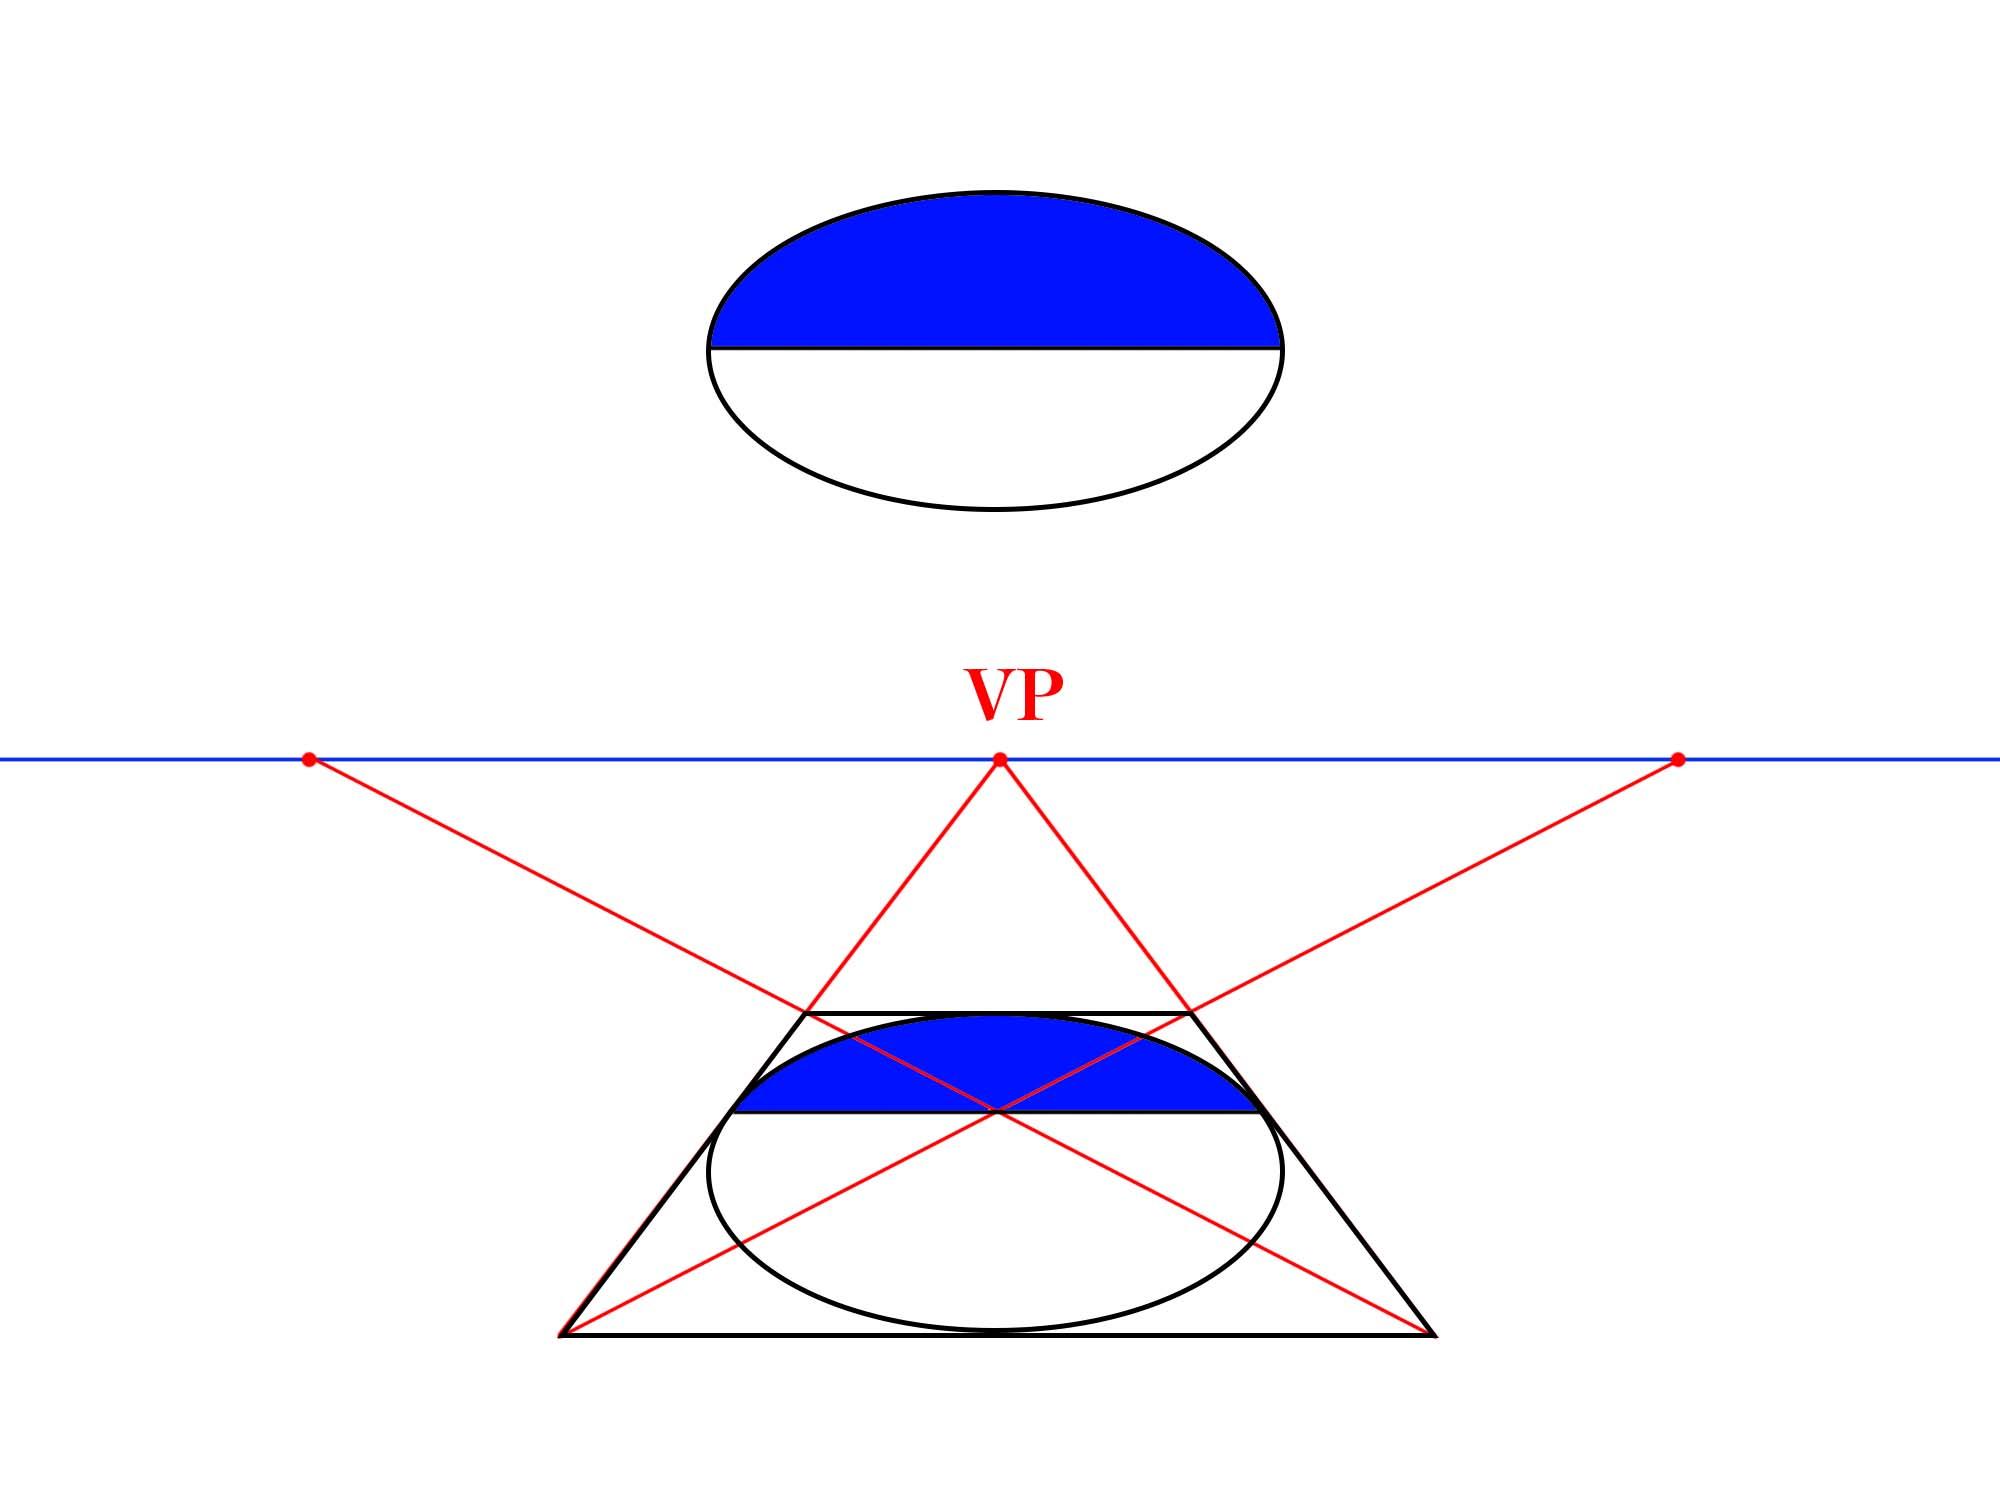 透視図の中の円